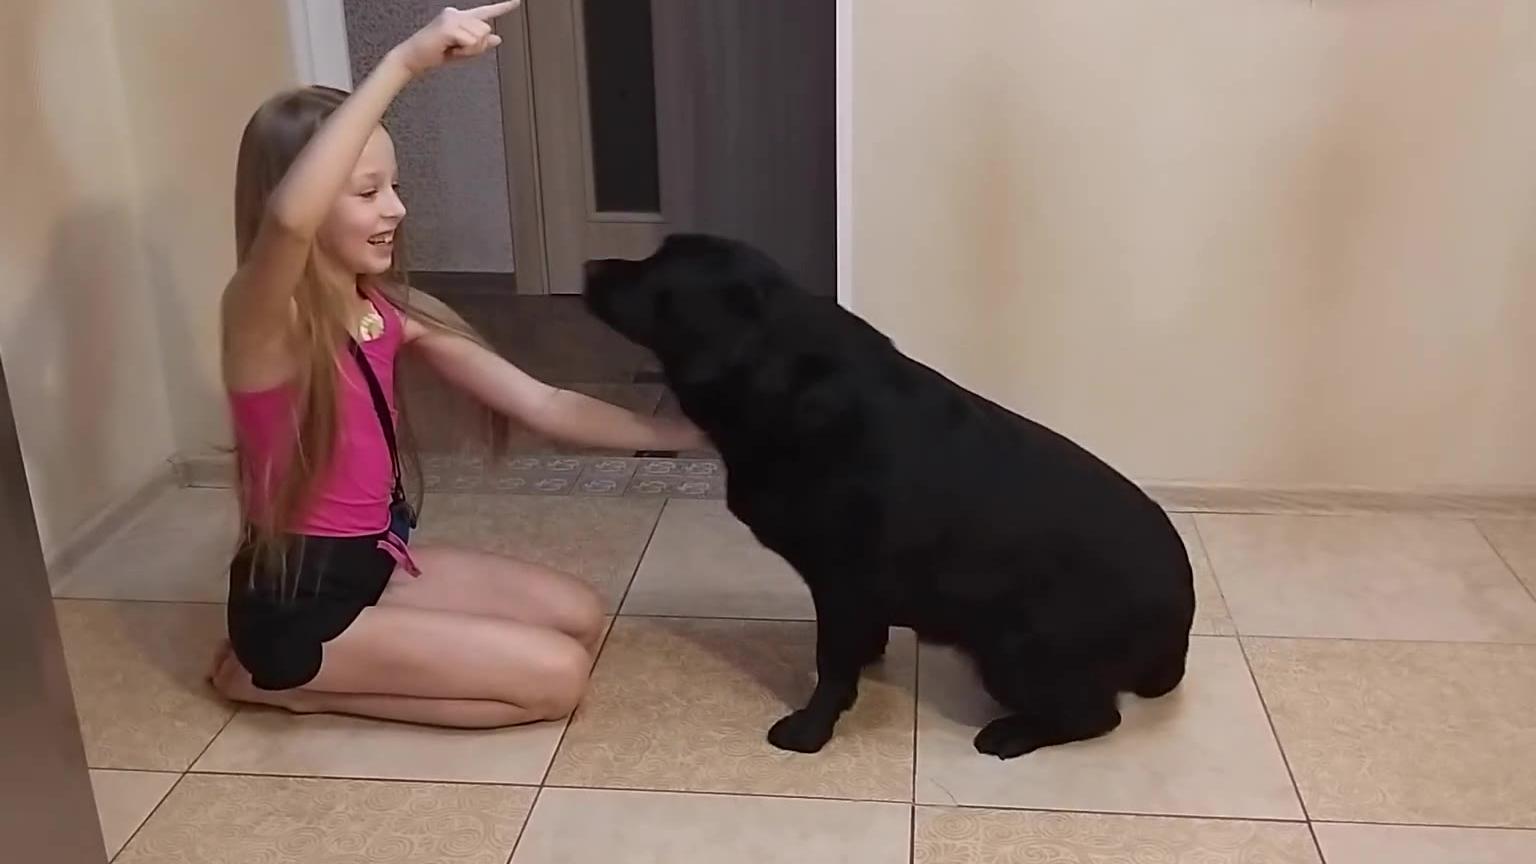 可爱俄罗斯女孩和宠物一起玩